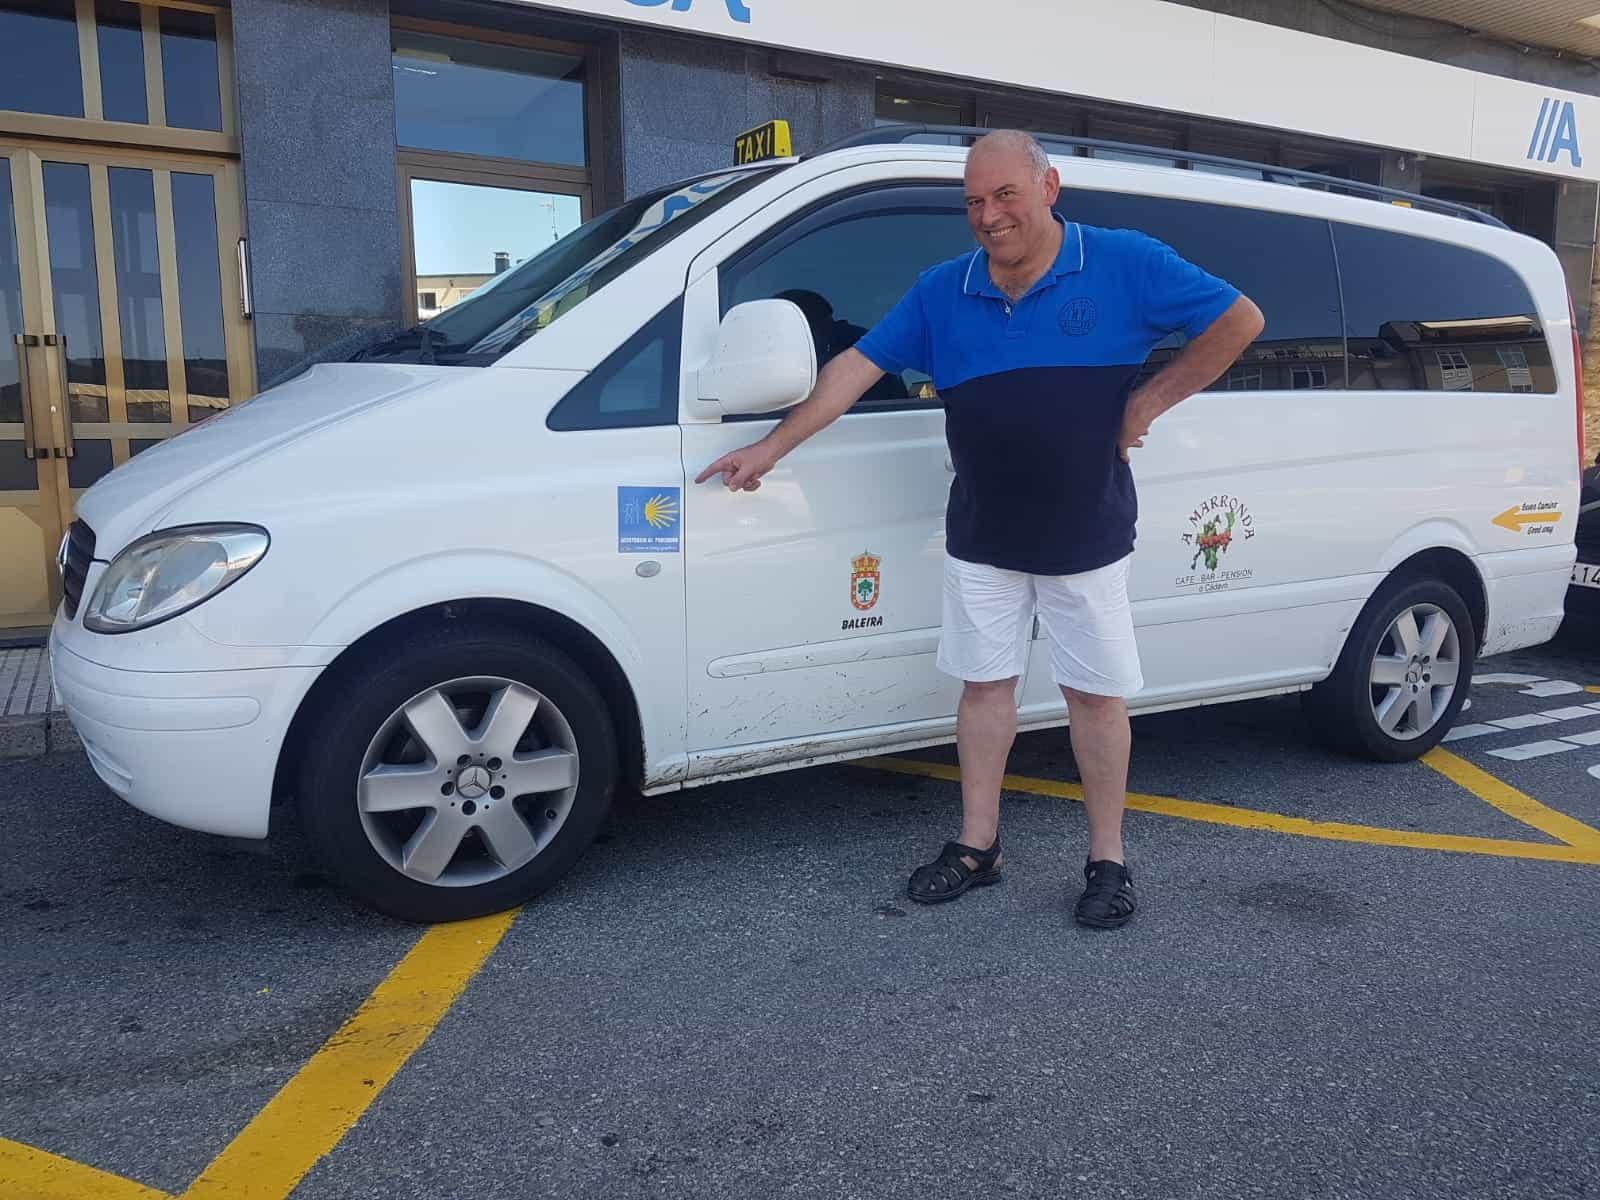 euro-taxi-cadavo-gusuguito-asistencia-peregrino